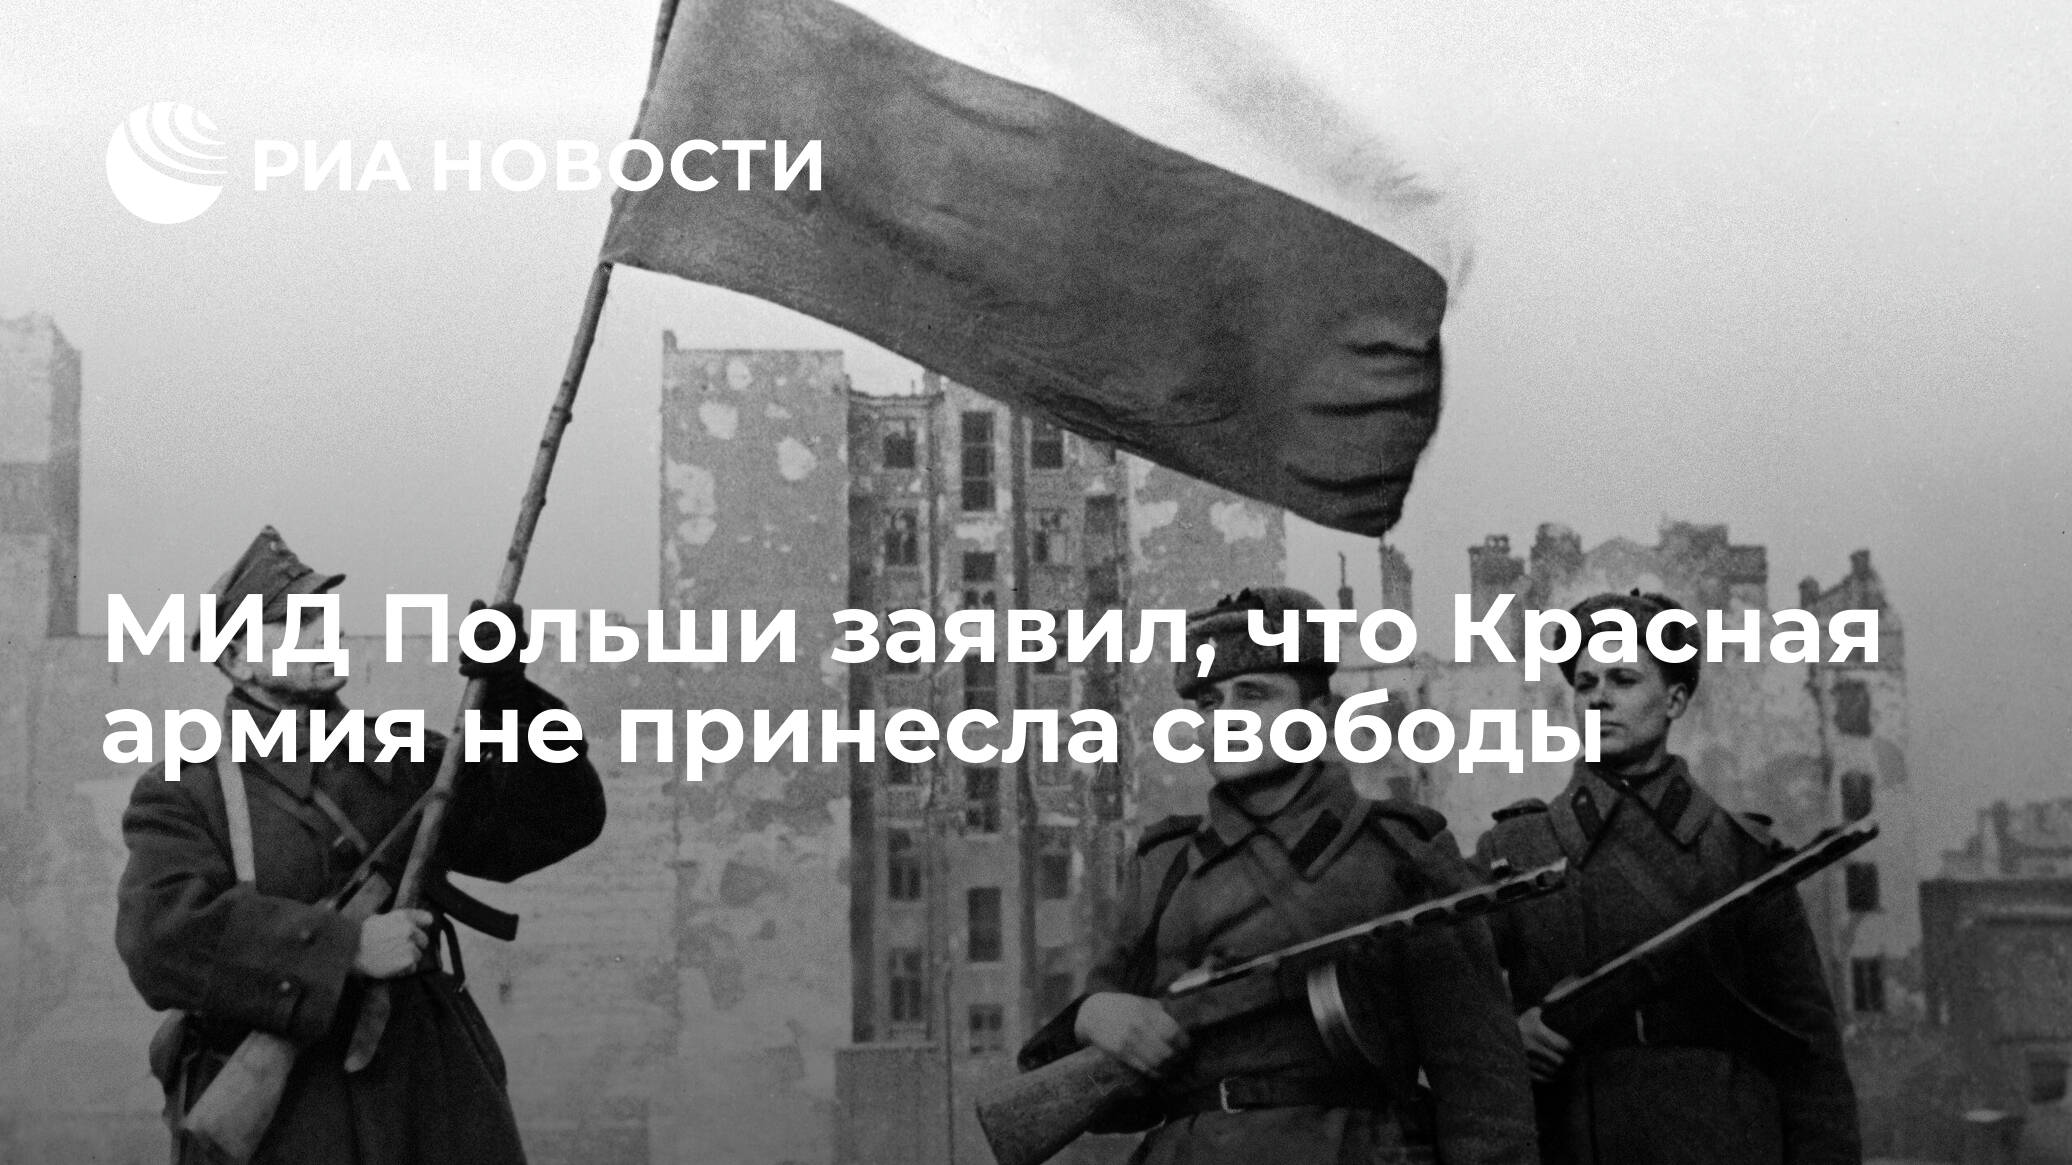 МИД Польши заявил, что Красная армия не принесла свободы